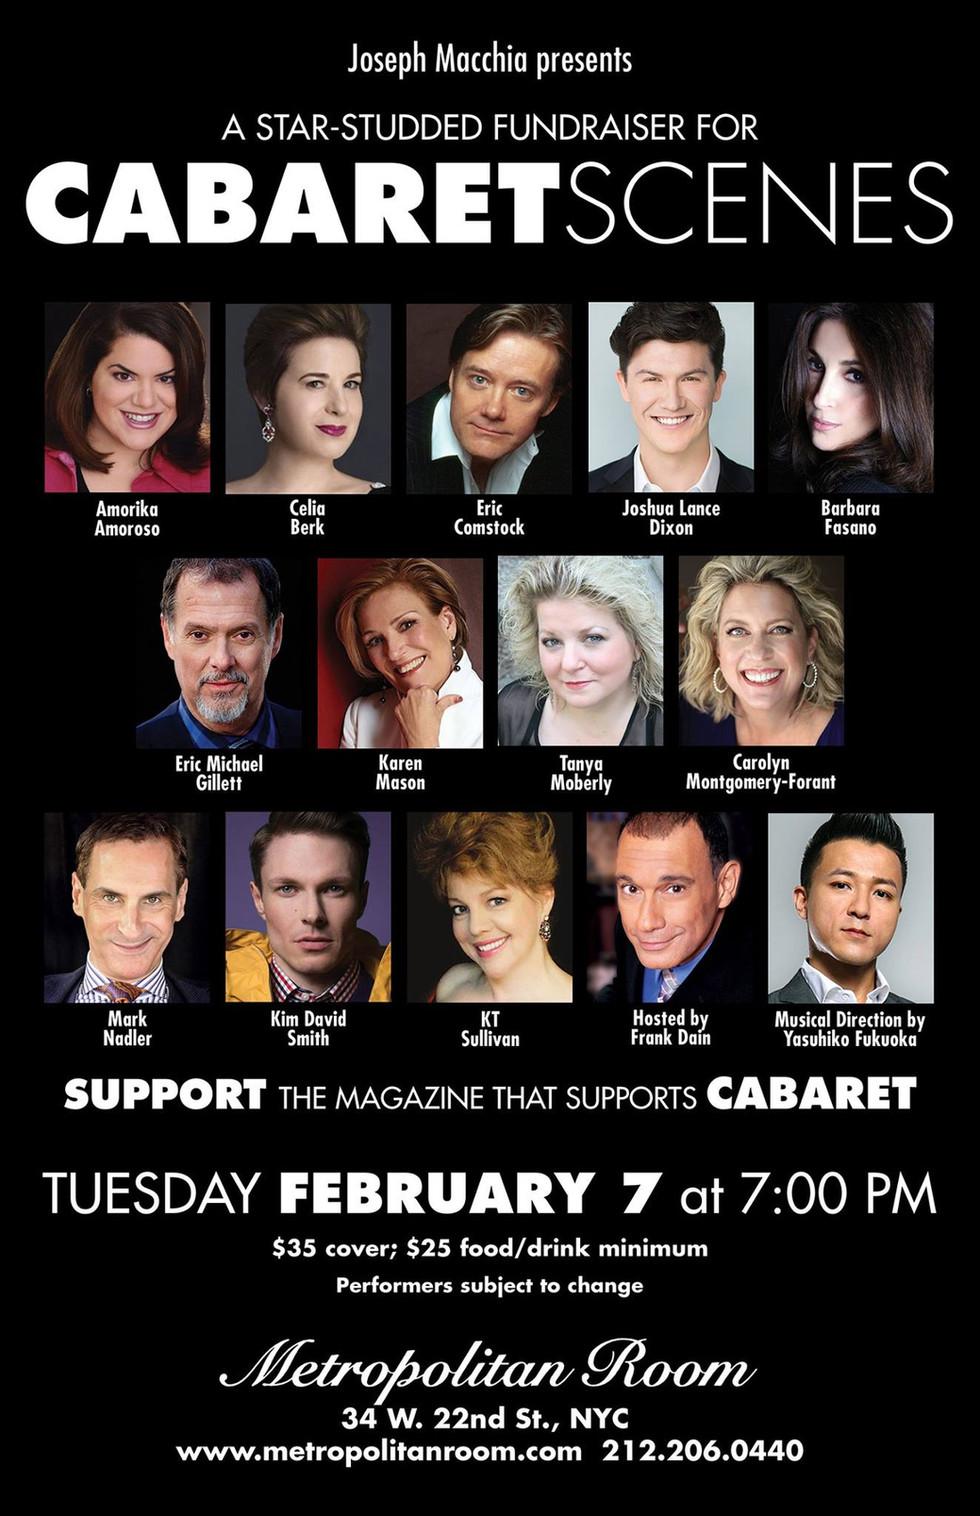 Music Directing: Cabaret Scenes Magazine fundraiser show